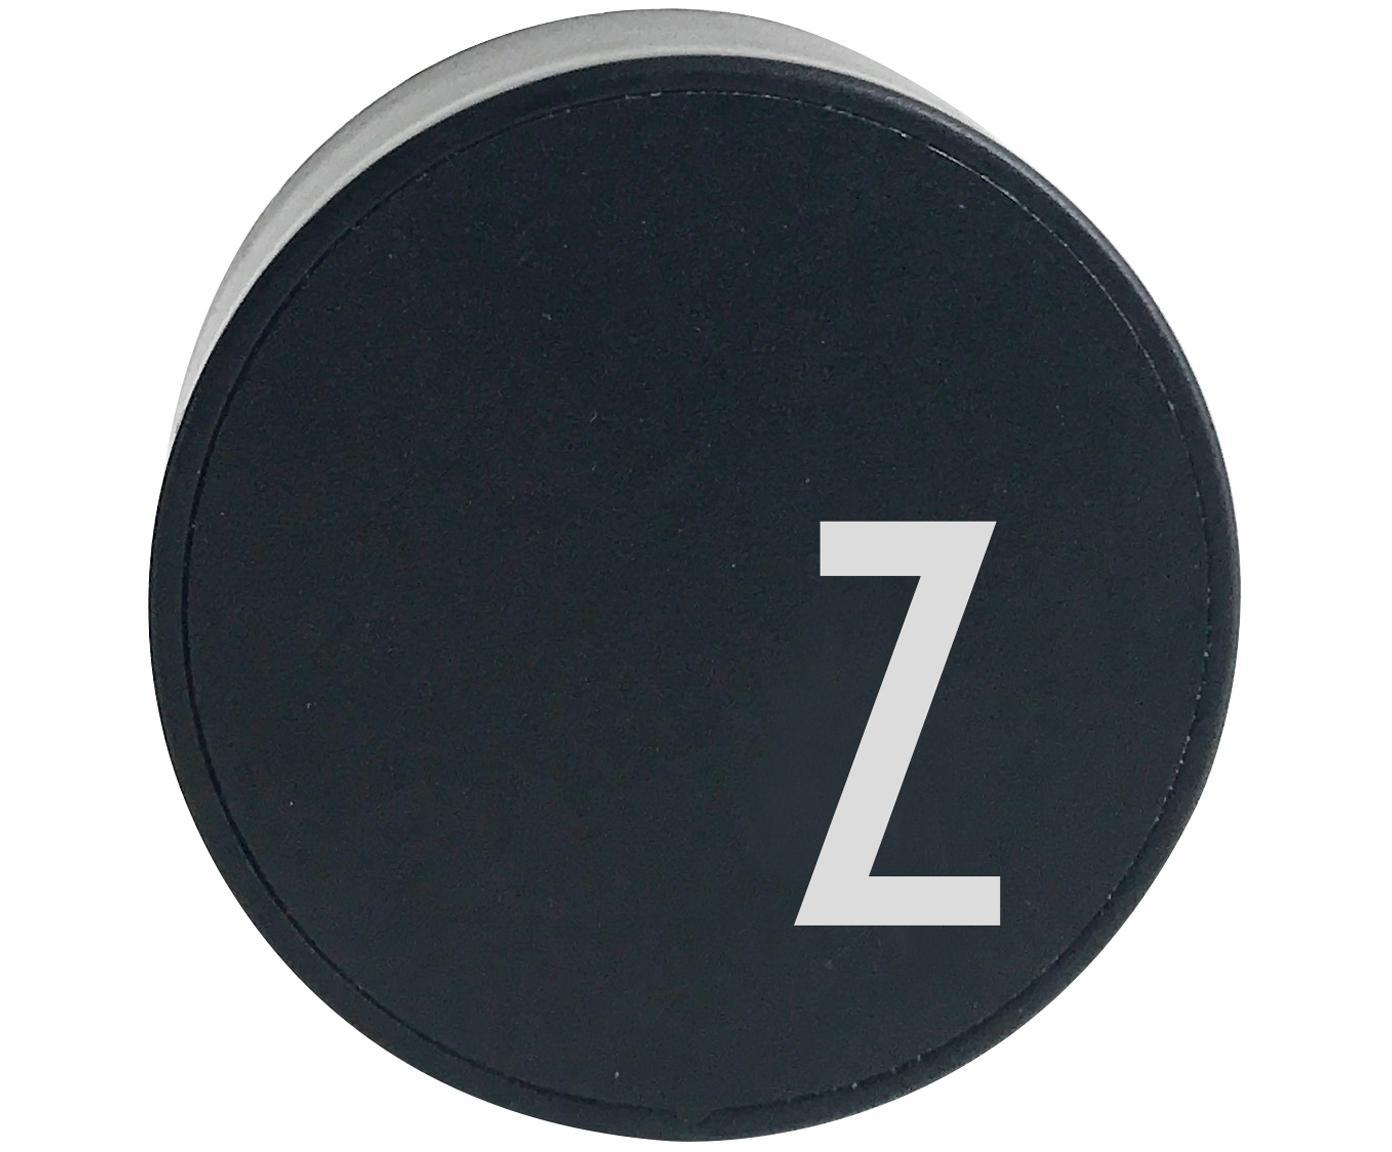 Ładowarka MyCharger (w wariancie od A do Z), Tworzywo sztuczne, Czarny, Ładowarka Z